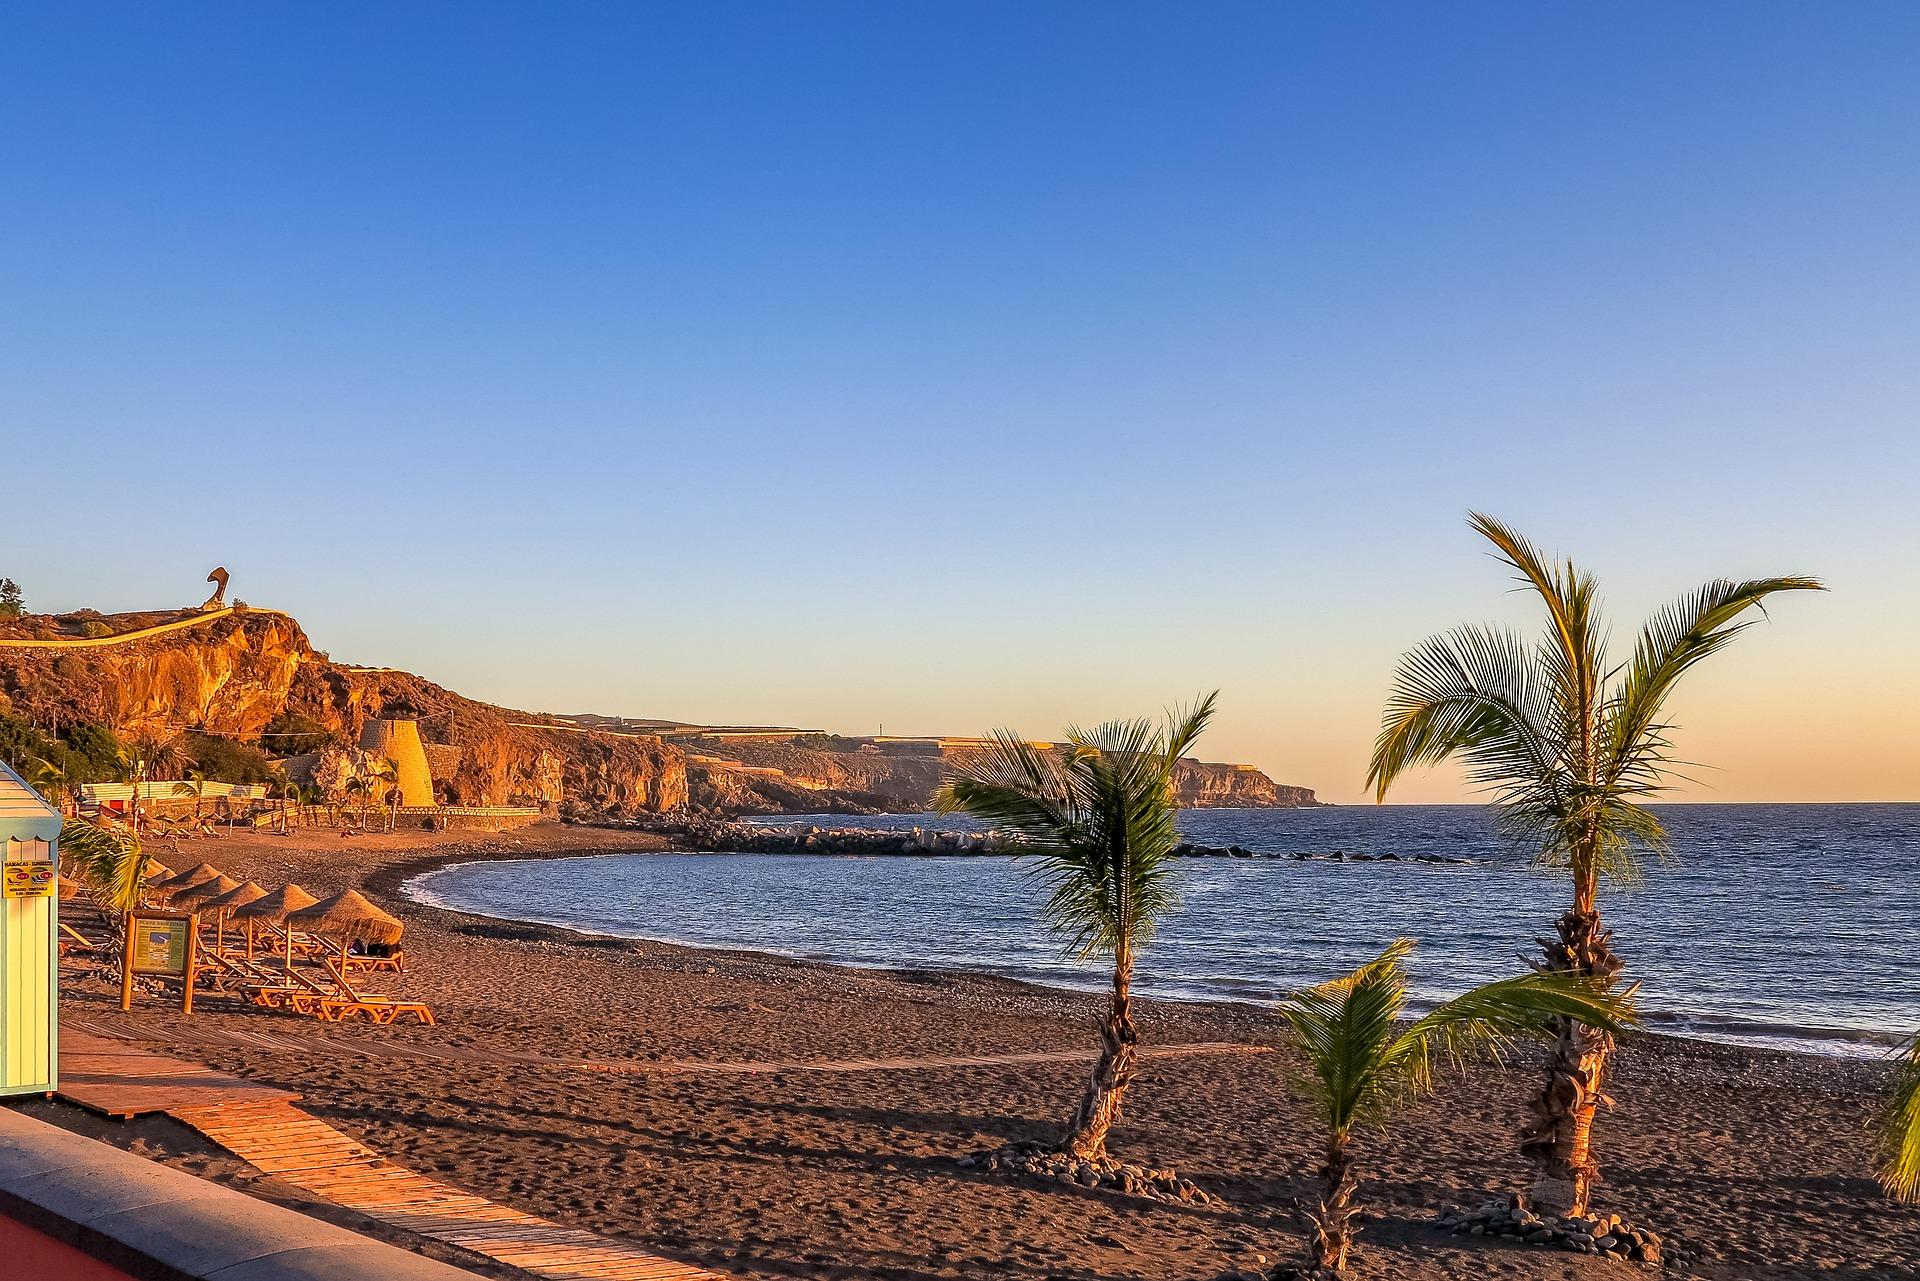 Vacanze a Tenerife agosto 2020